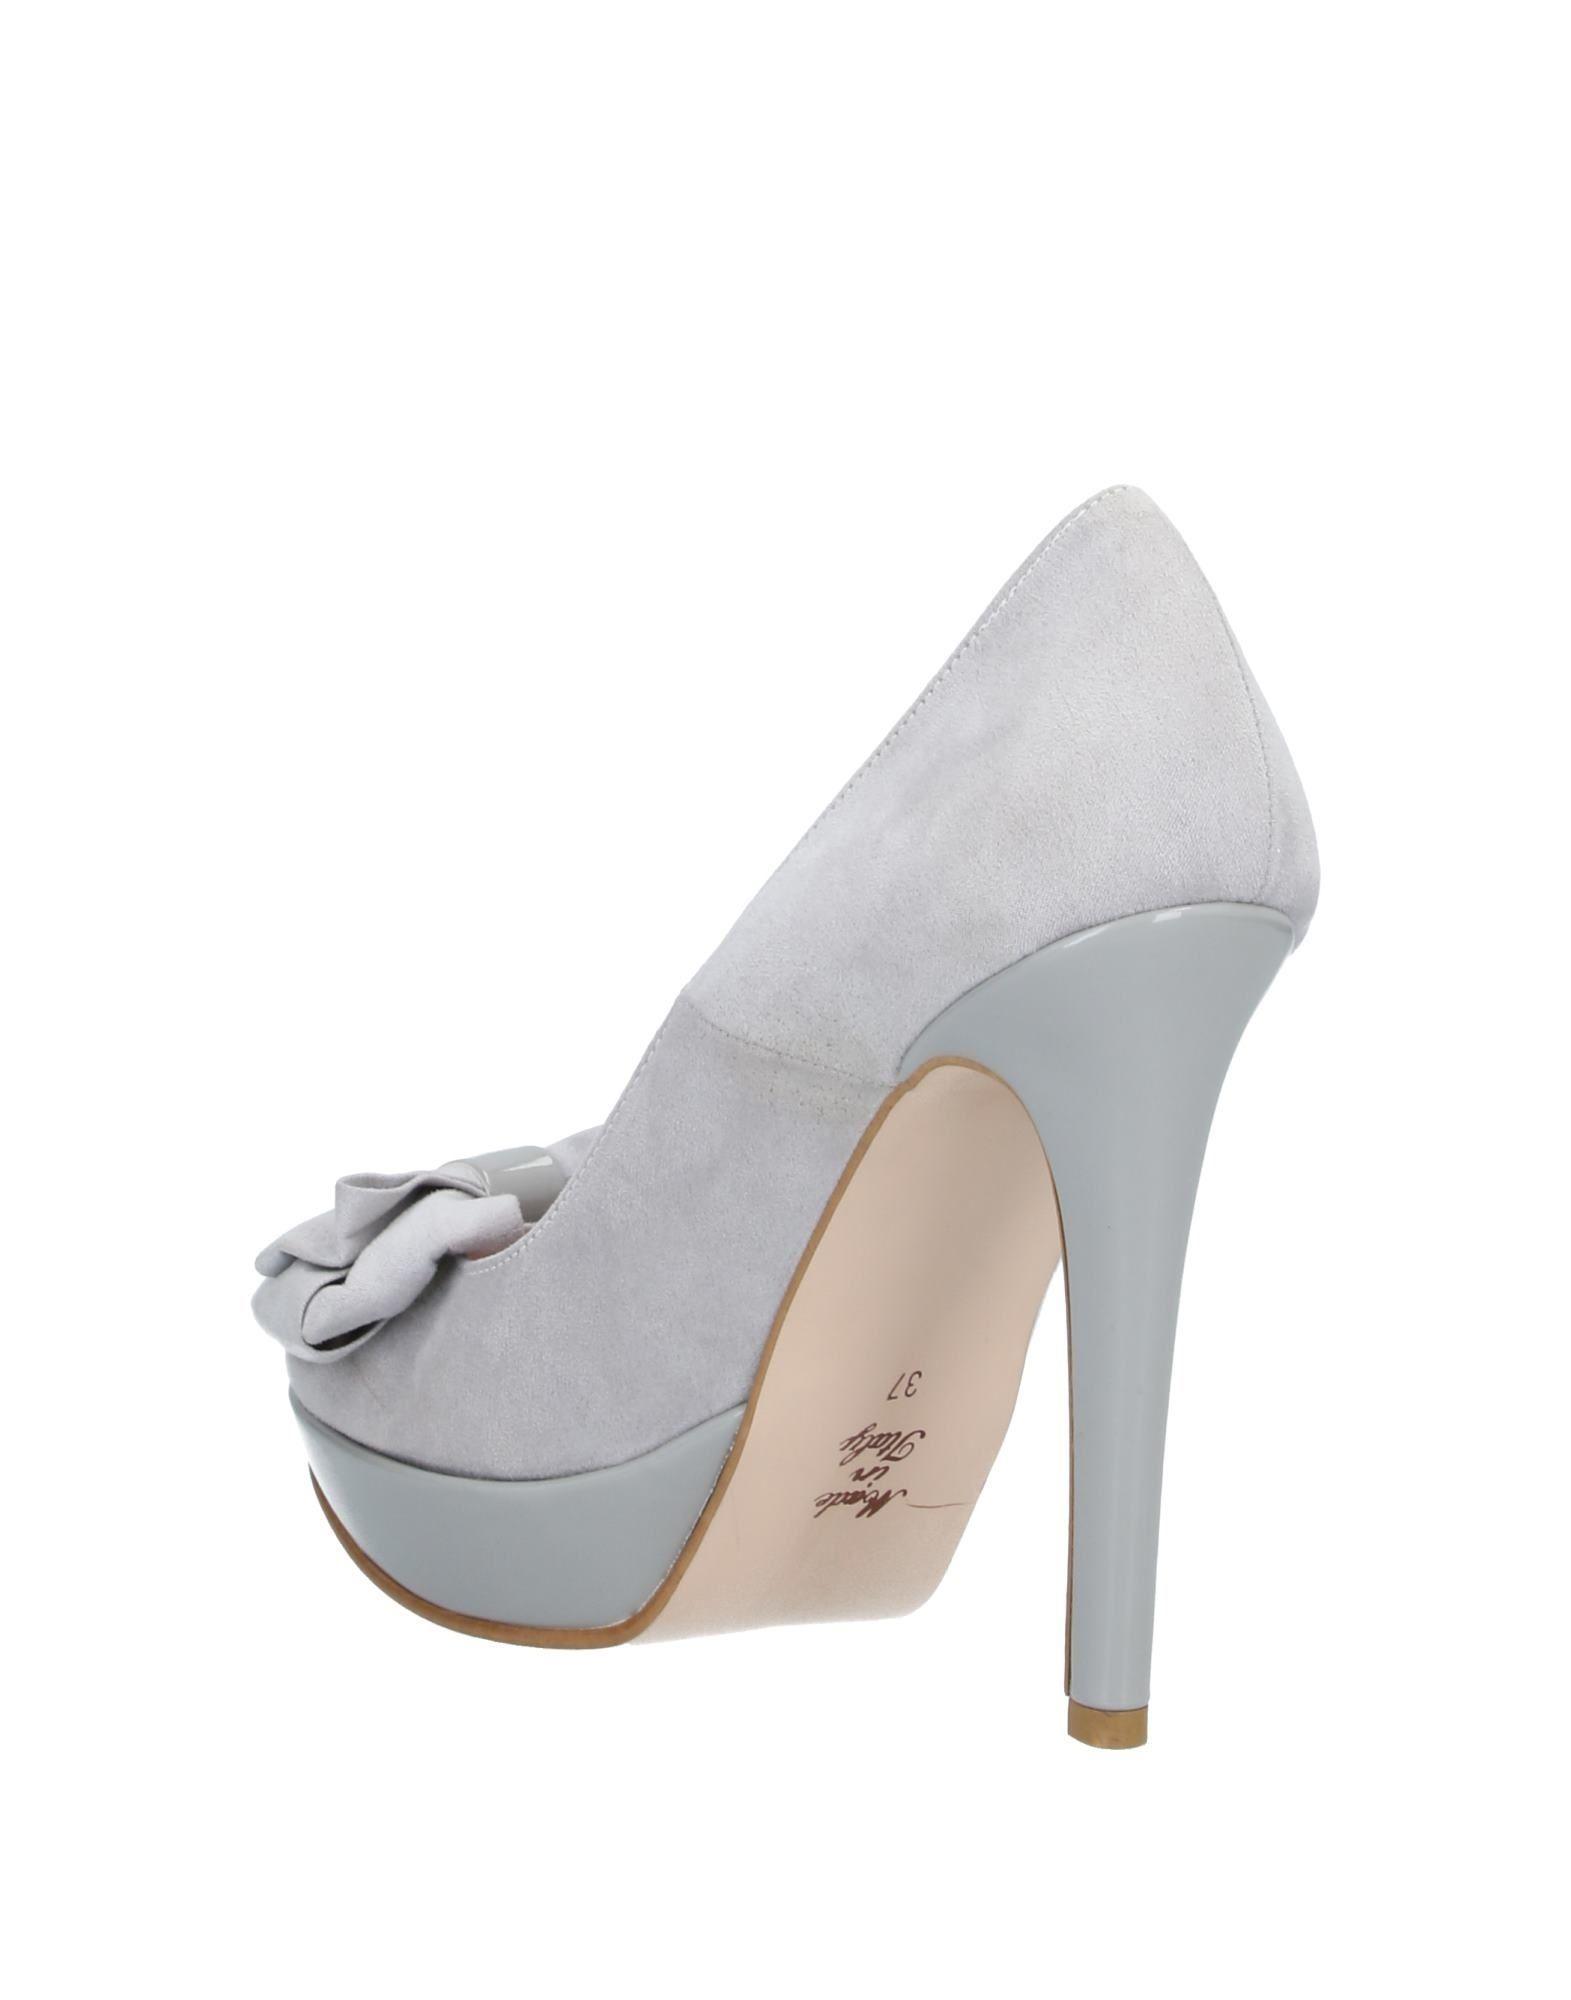 Zapatos de salón Cesare Paciotti de Tejido sintético de color Gris